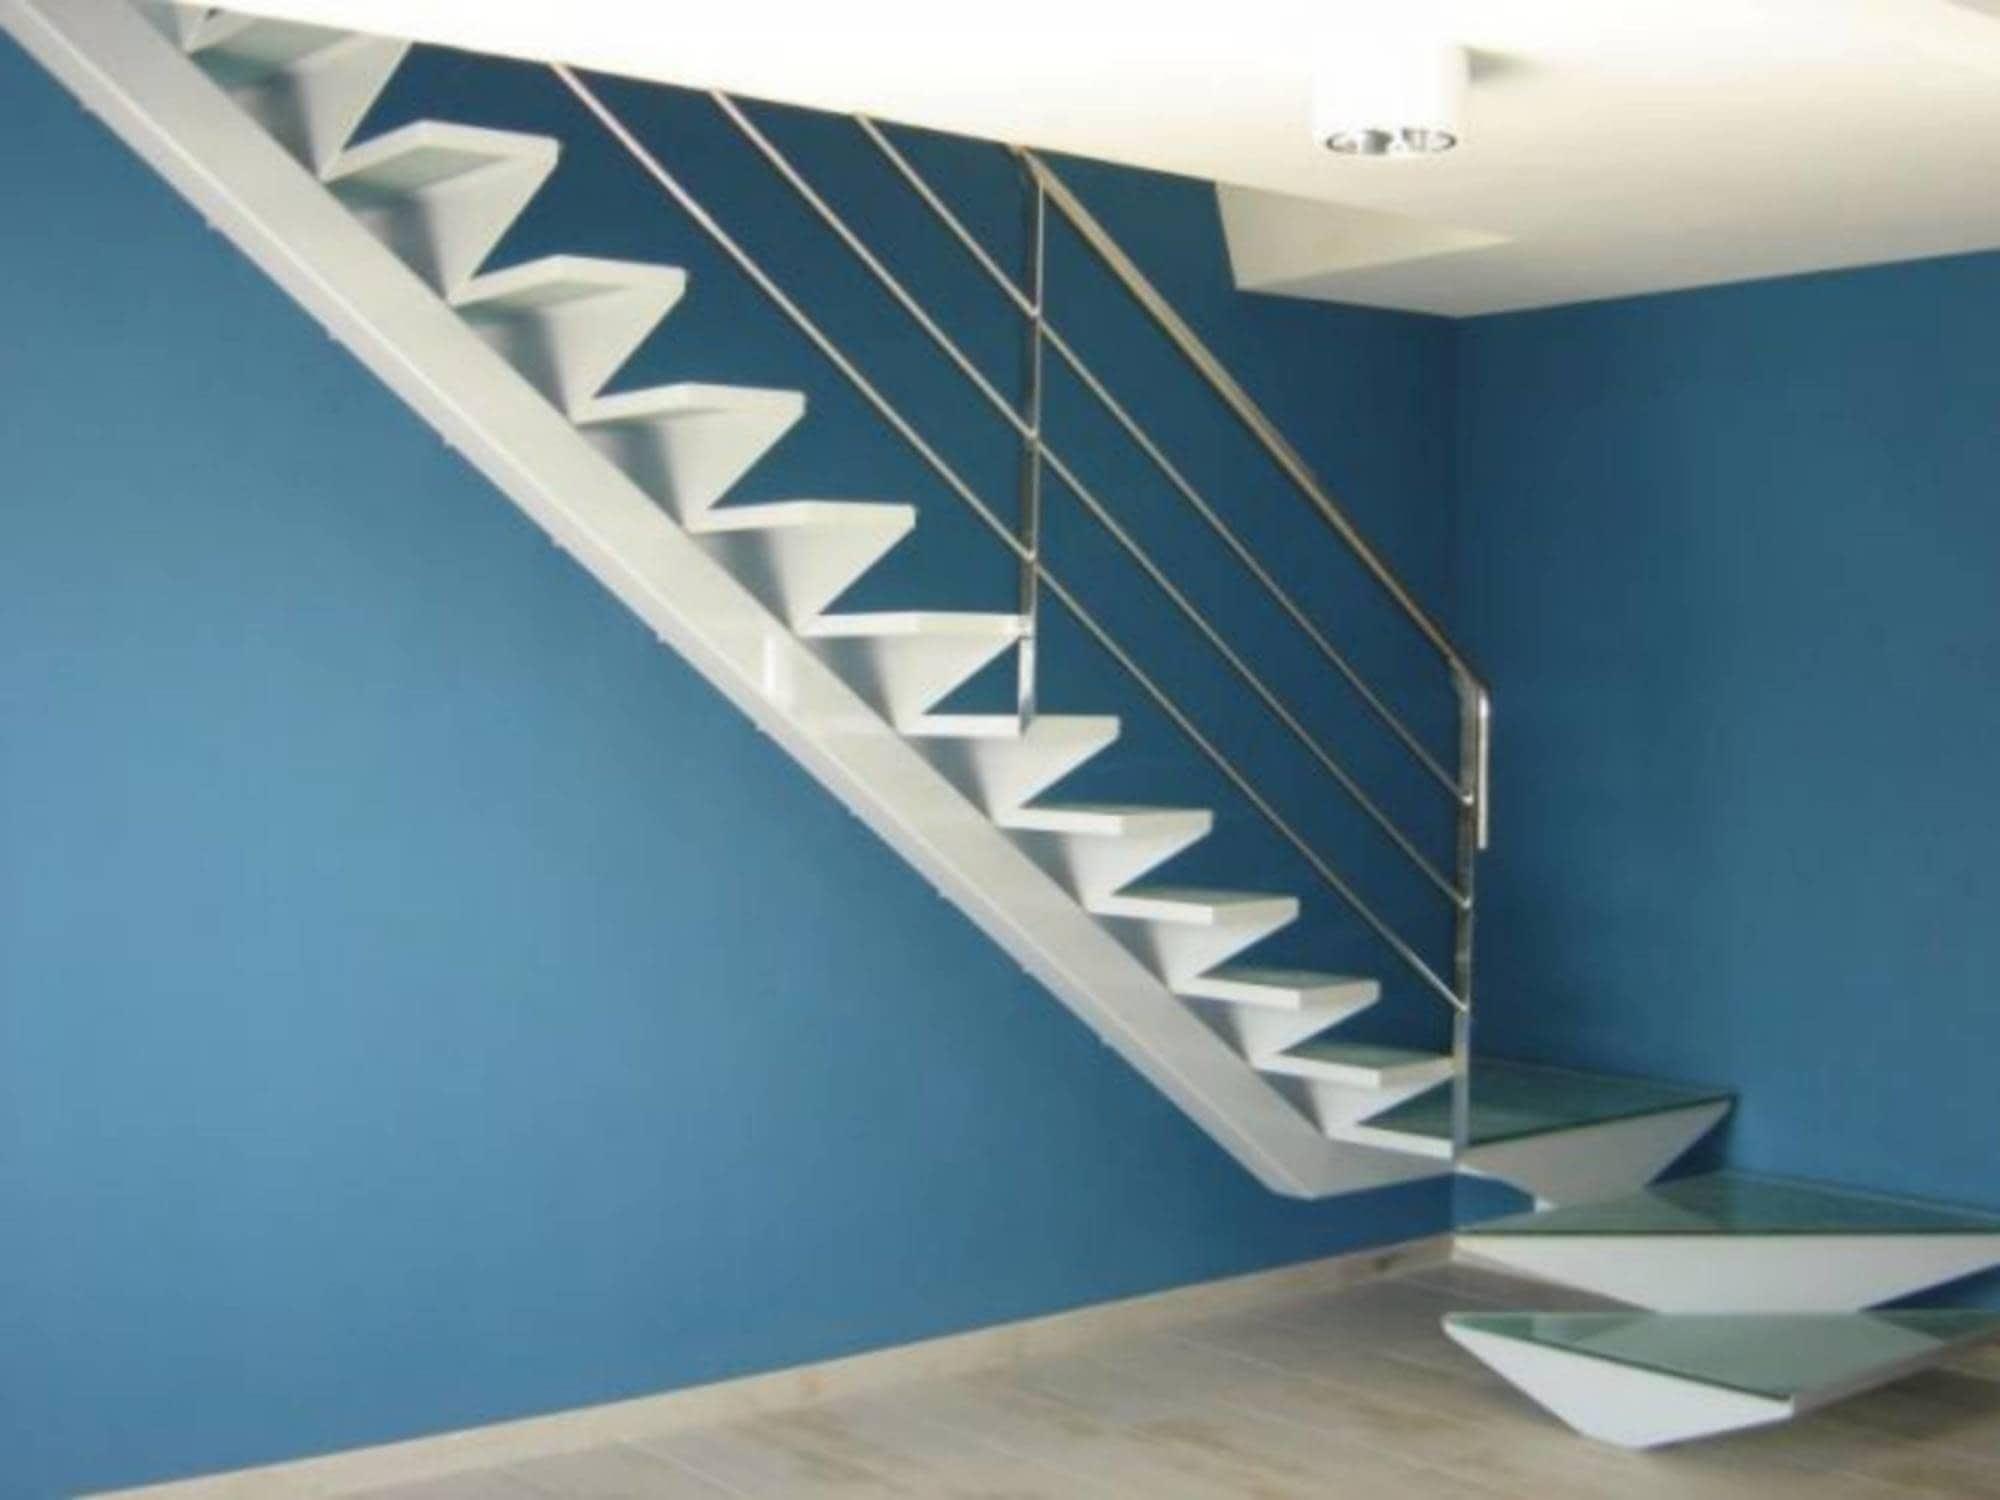 Escaleras Y Barandas Aludimar Carpinter A Met Lica ~ Barandas De Escaleras Interiores